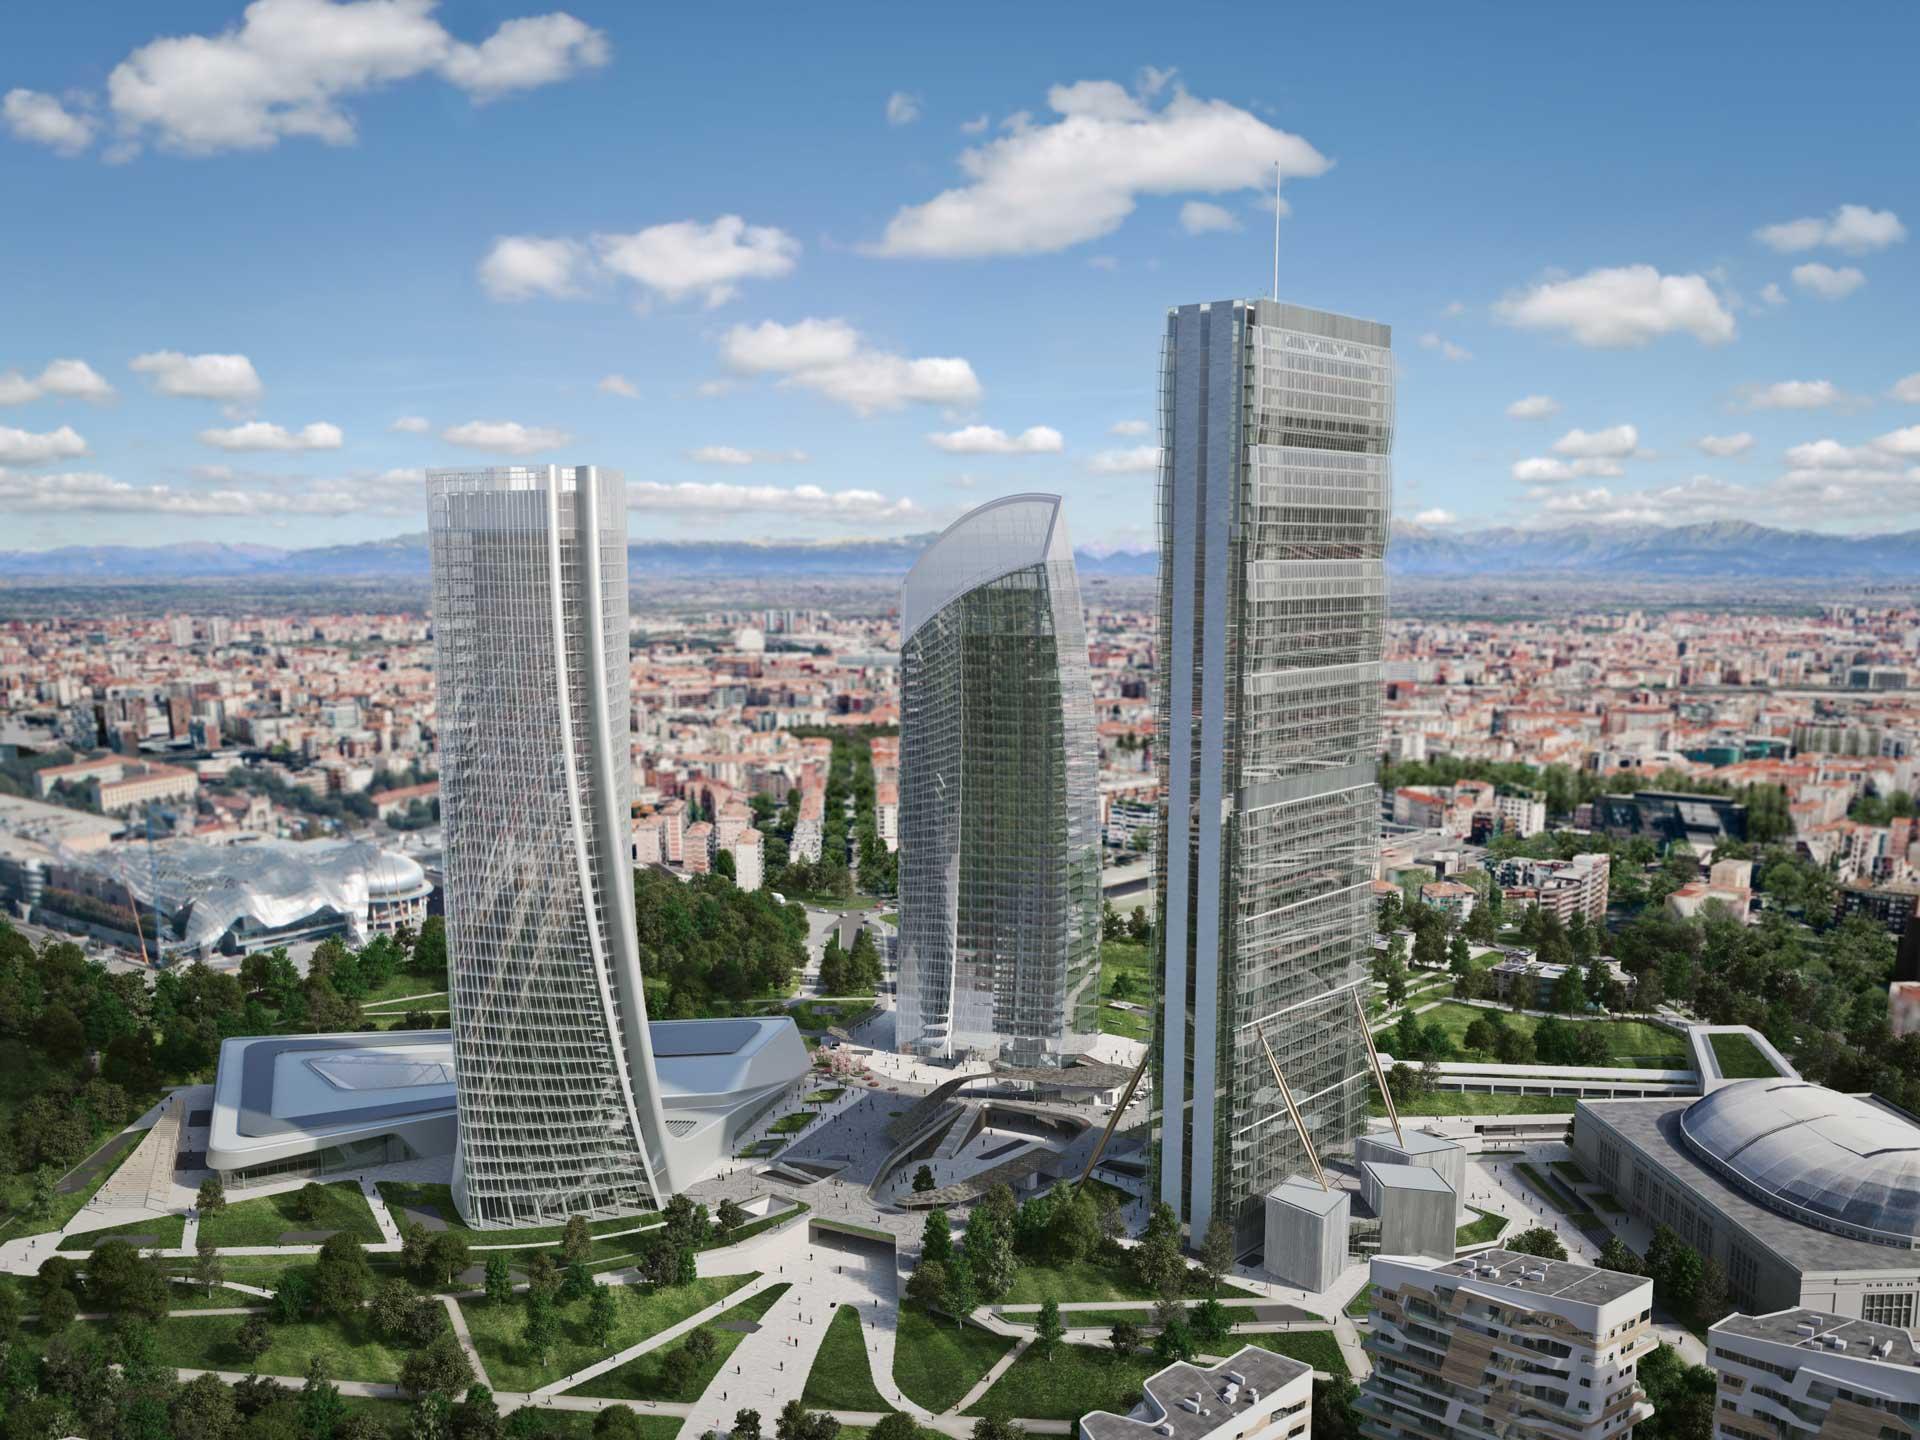 City Life Milano / Un Complejo Residencial de Zaha Hadid 3